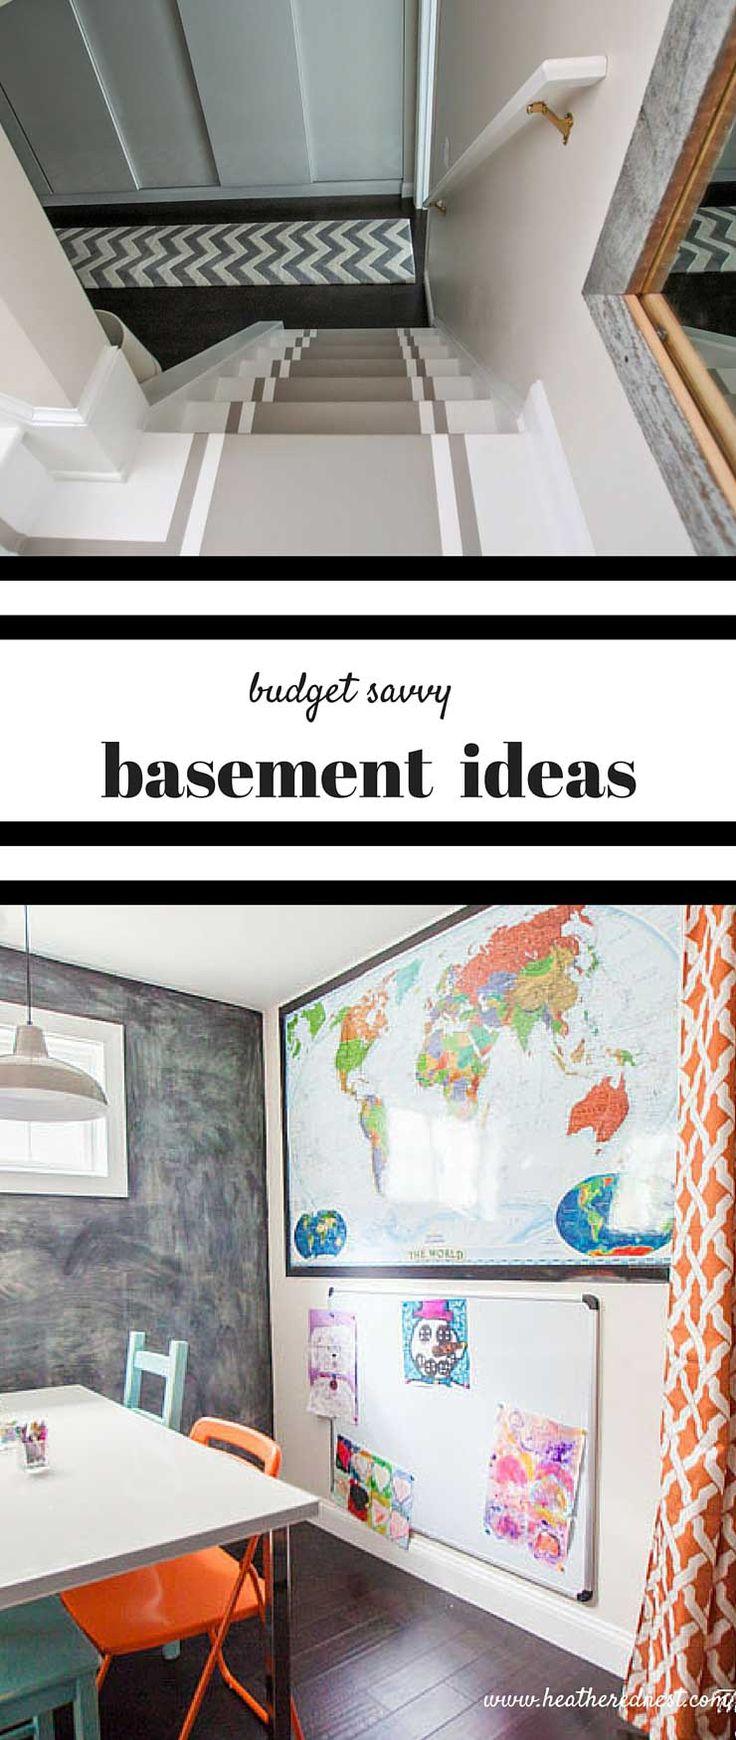 Best 25 basement renovations ideas on pinterest finished basement designs basement ideas and - Great basement designs ...